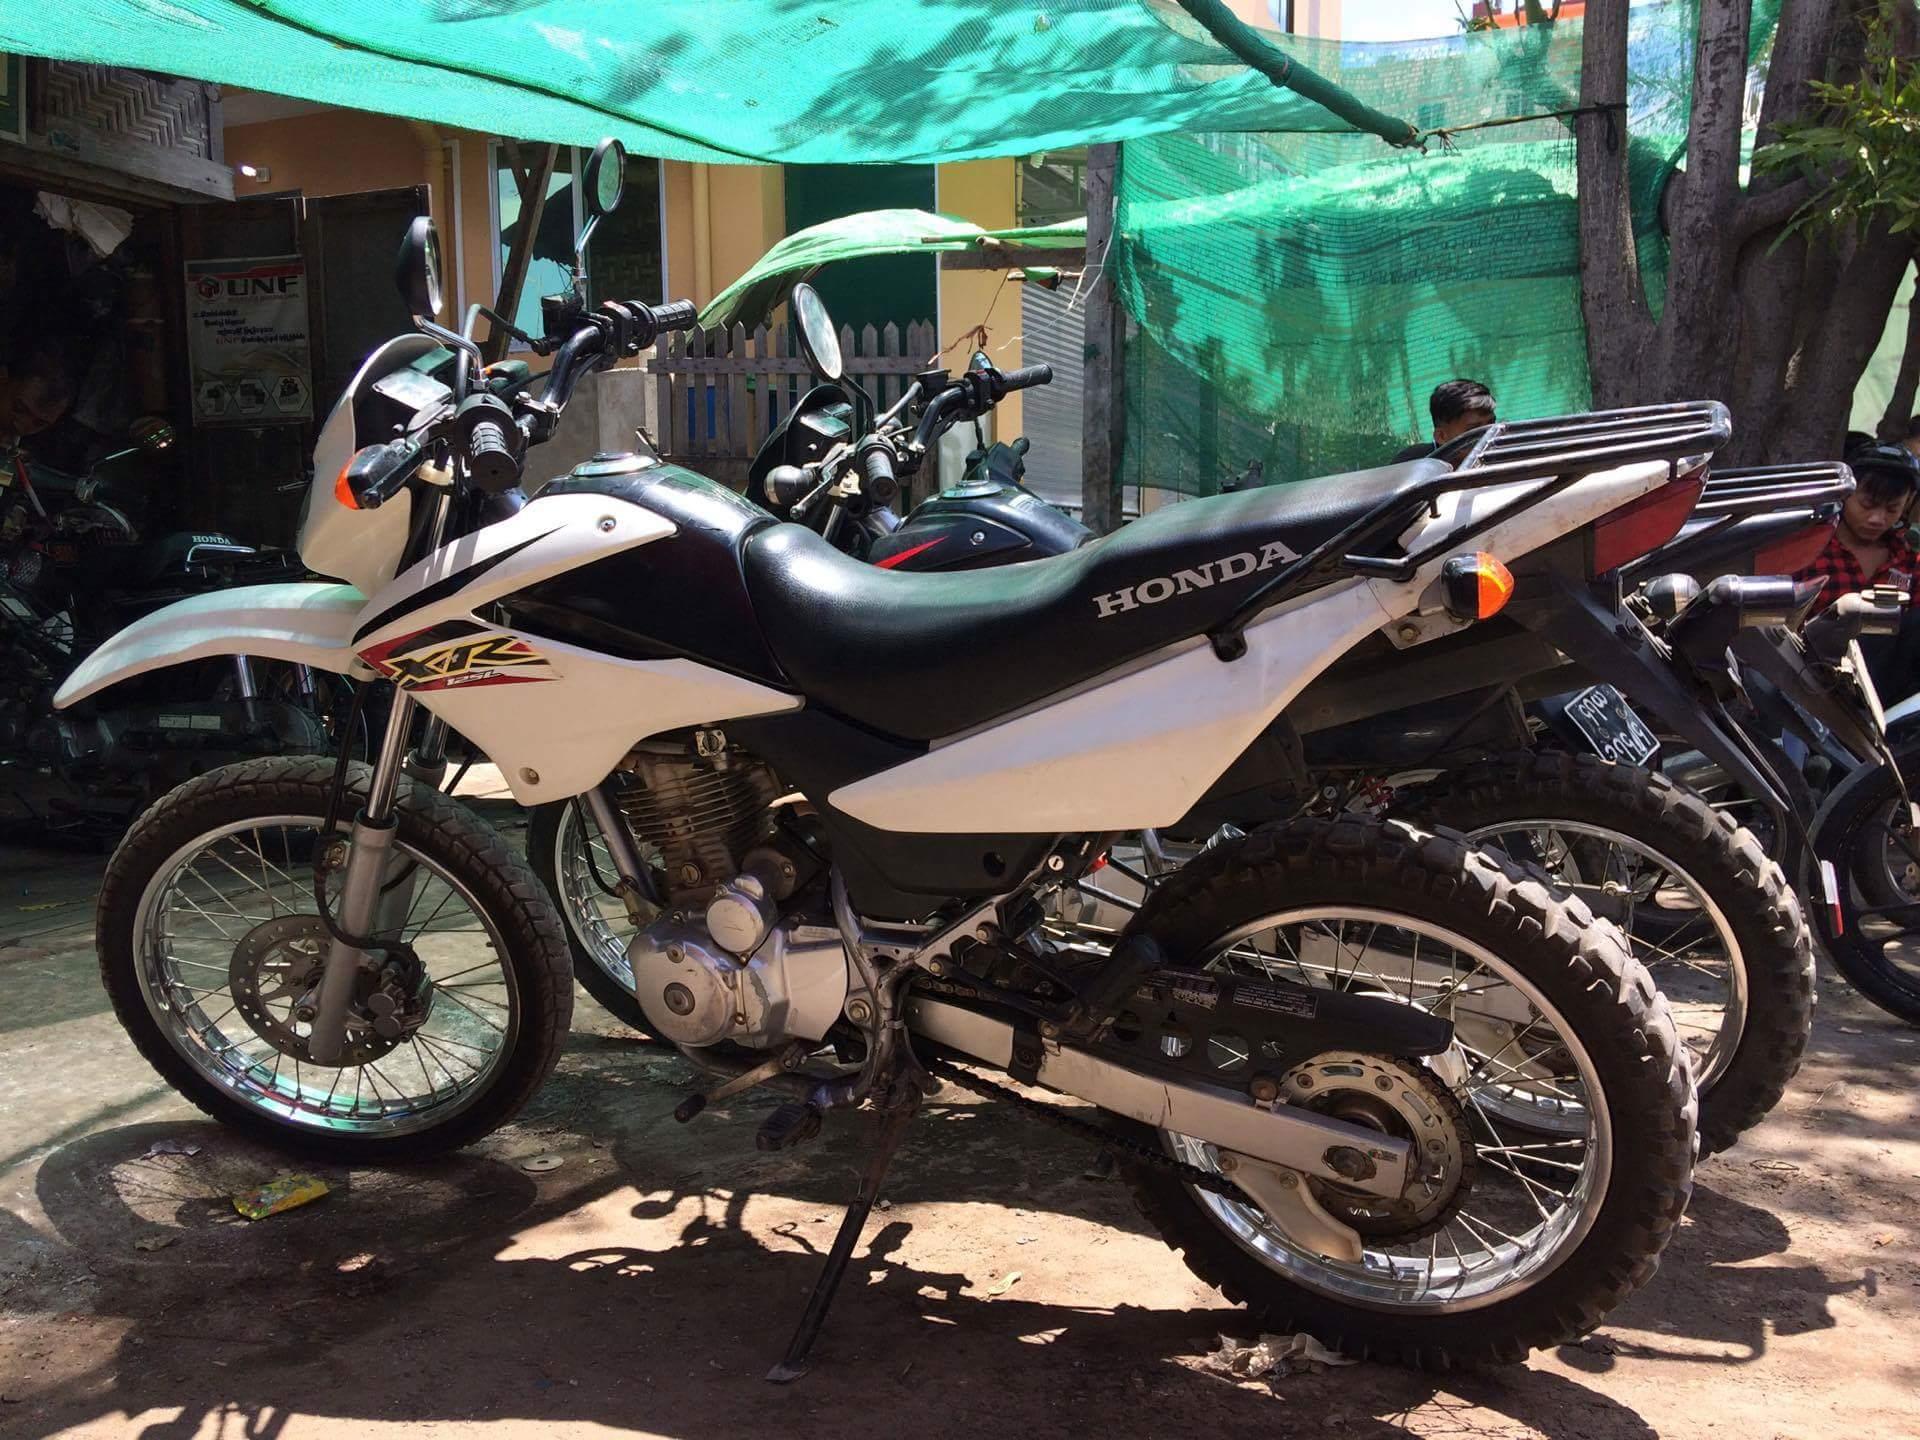 Burna Myanmar motorcycle rental hire Honda XR